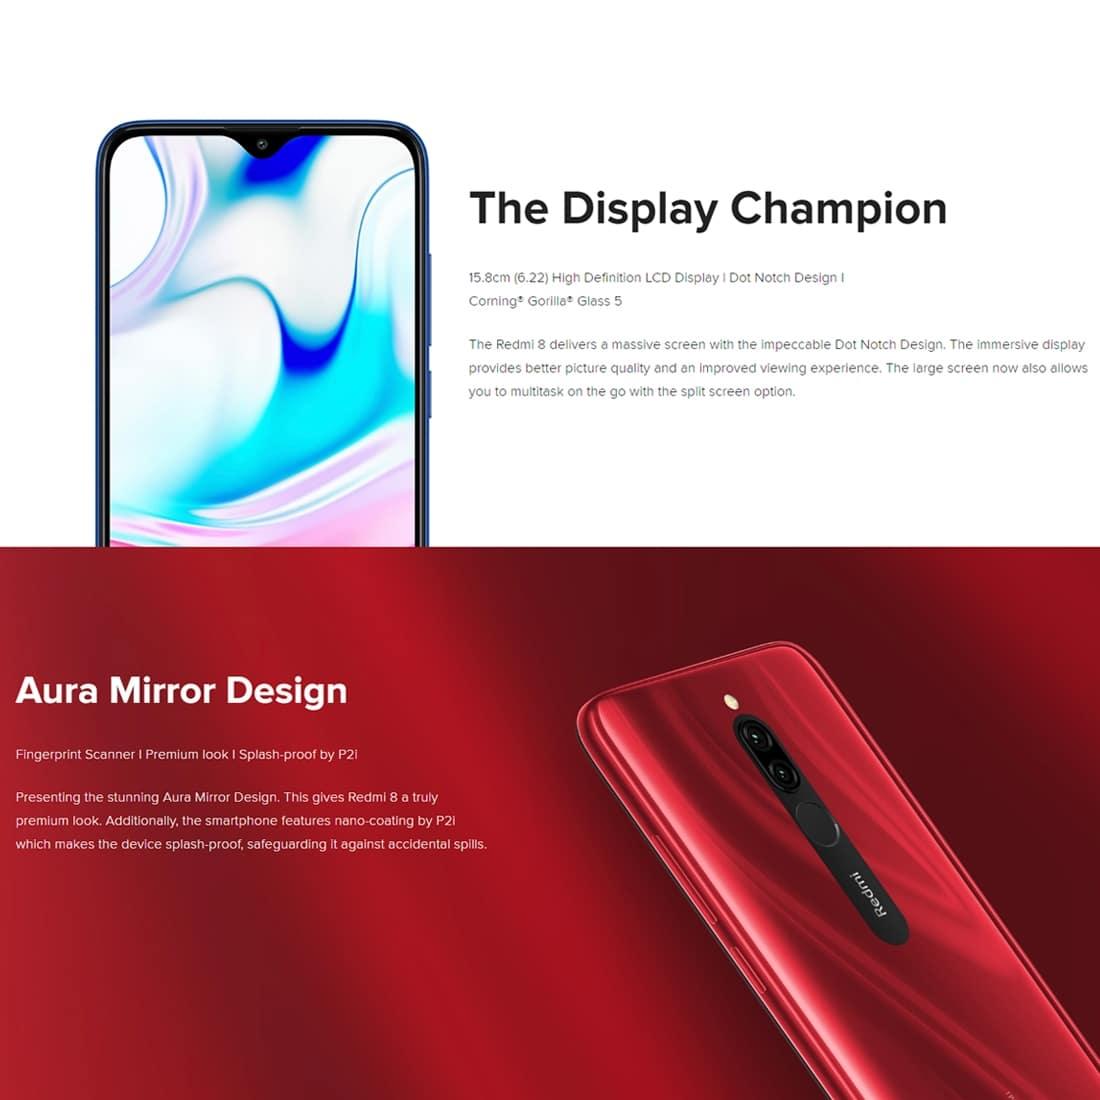 Xiaomi Redmi 8 Smartphone